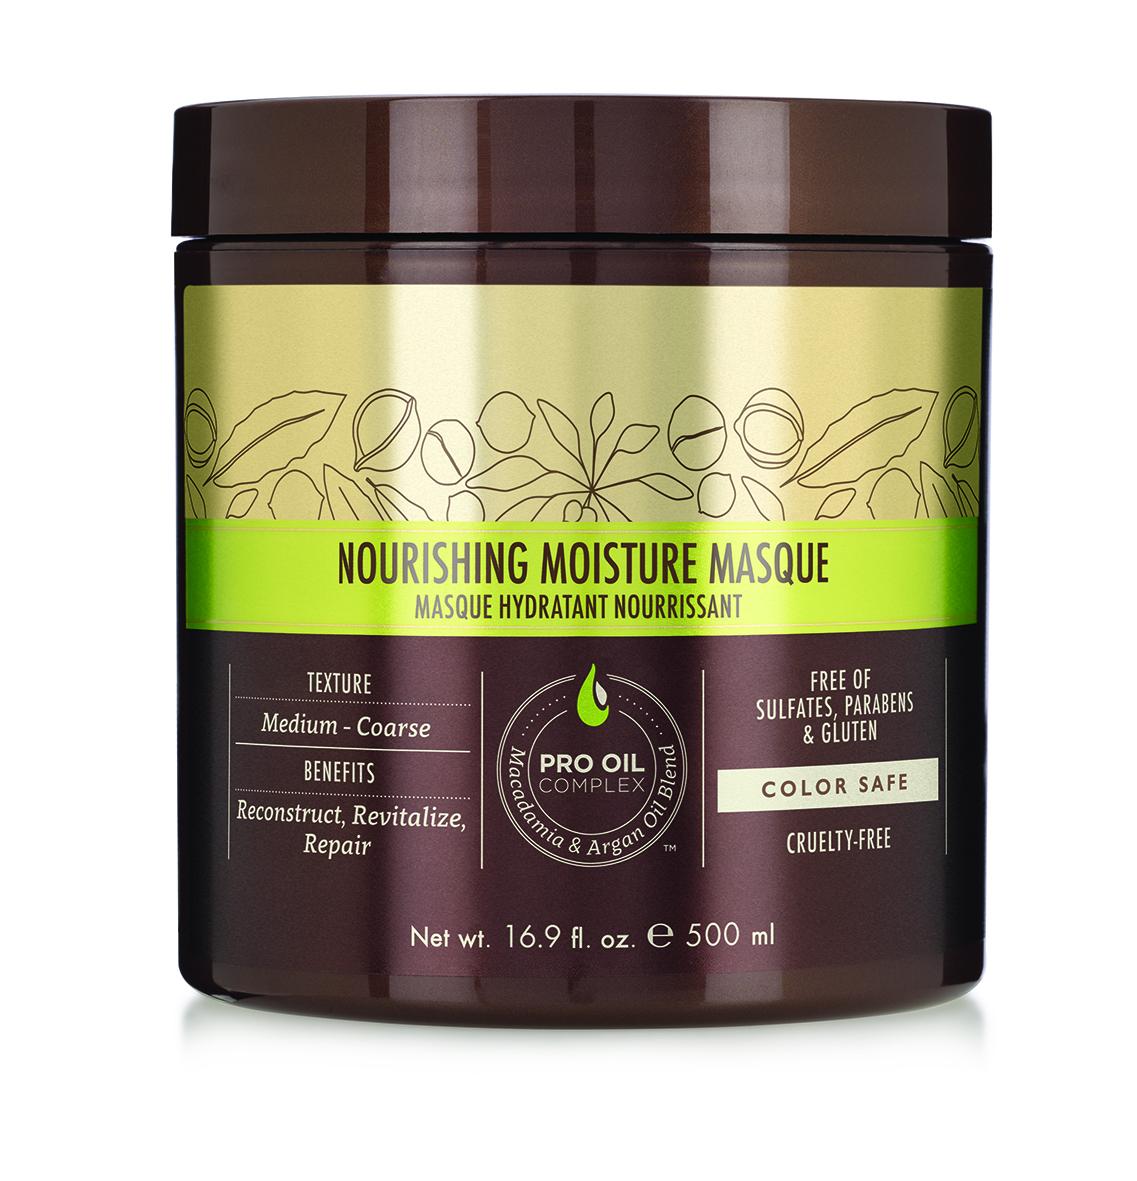 Macadamia Professional Маска питательная для всех типов волос, 500 мл086-13-16408Глубокий увлажняющий, восстанавливающий и реконструирующий уход Macadamia Professional для нормальных и сухих волос, c эксклюзивным комплексом Pro Oil Complex. Применение маски делает волосы шелковистыми, облегчает расчесывание, убирает излишнюю пушистость. Добавляет блеск и эластичность. Идеально для сухих, поврежденных, окрашенных волос. С длительным кондиционирующим эффектом.